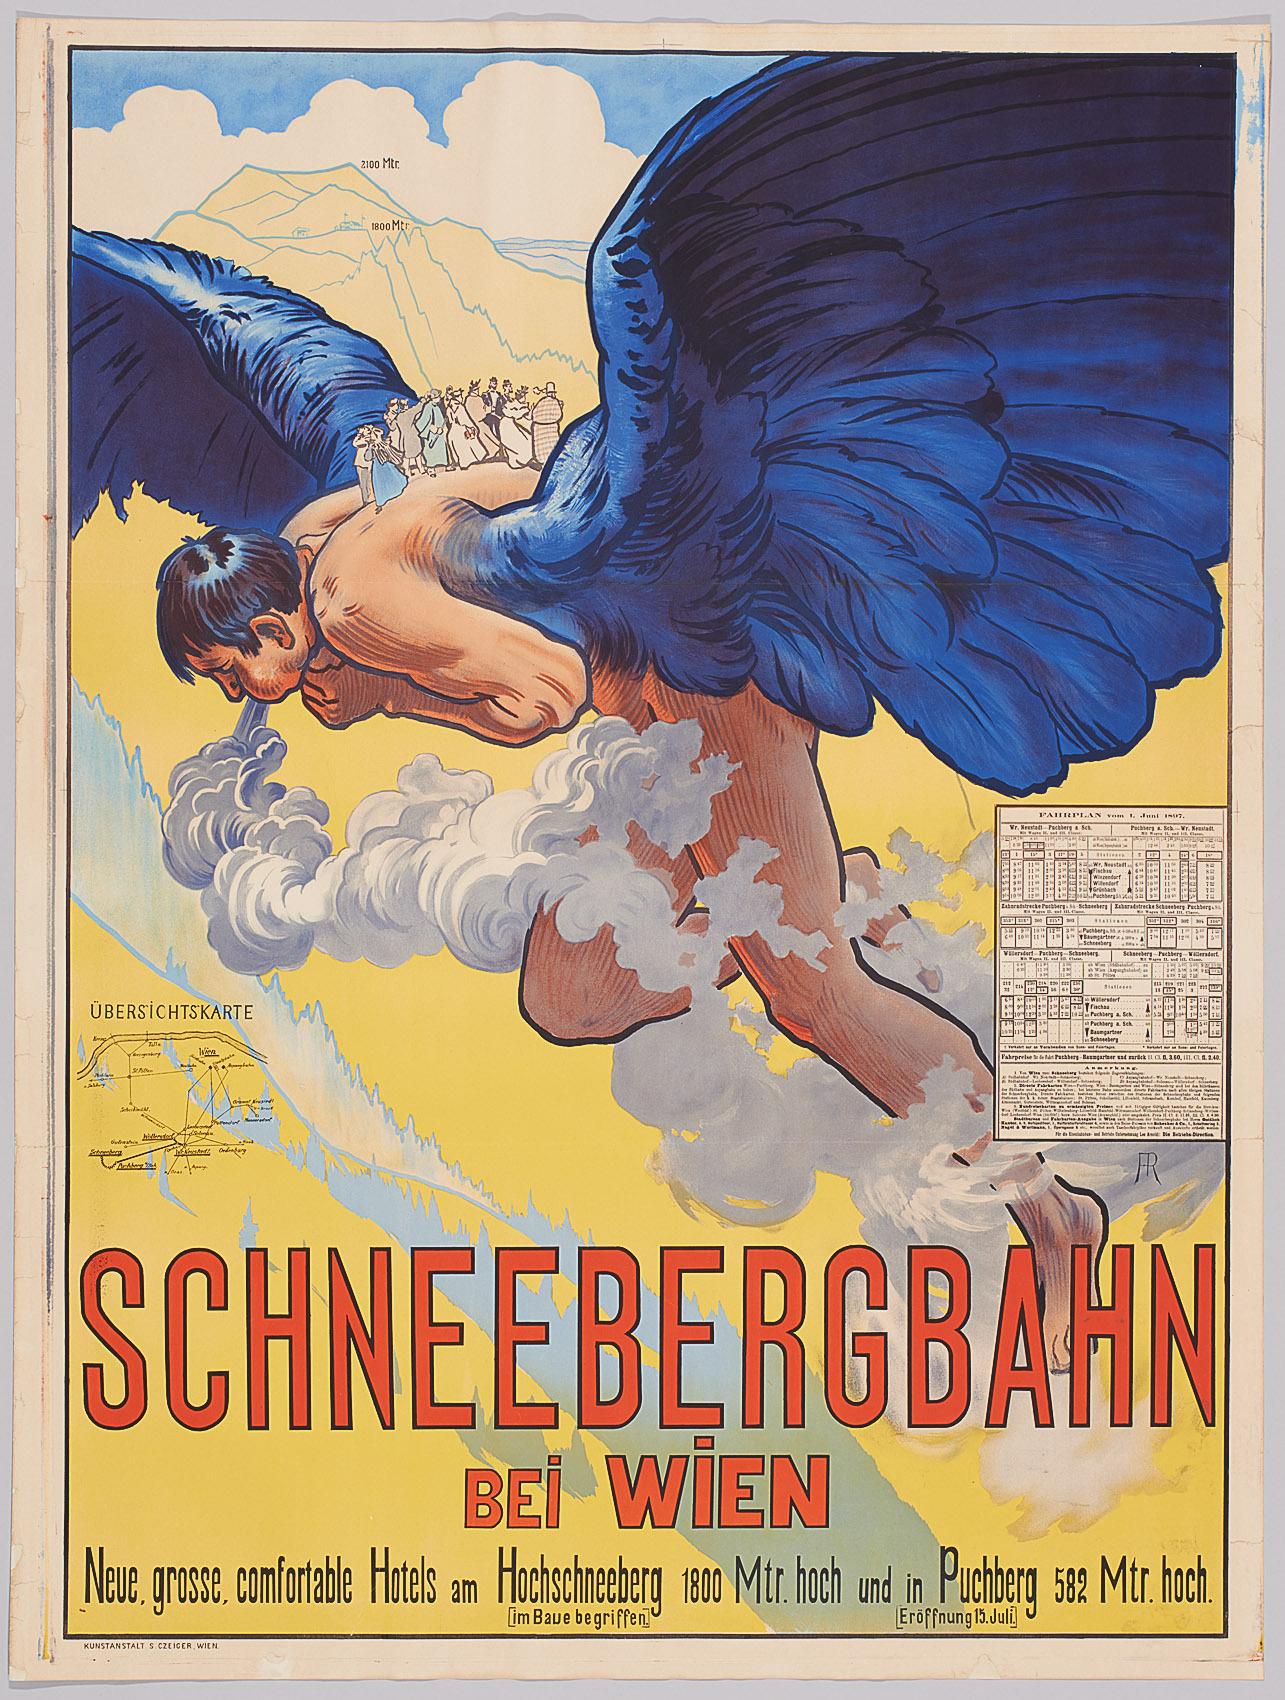 Schneebergbahn bei Wien von Alfred Roller